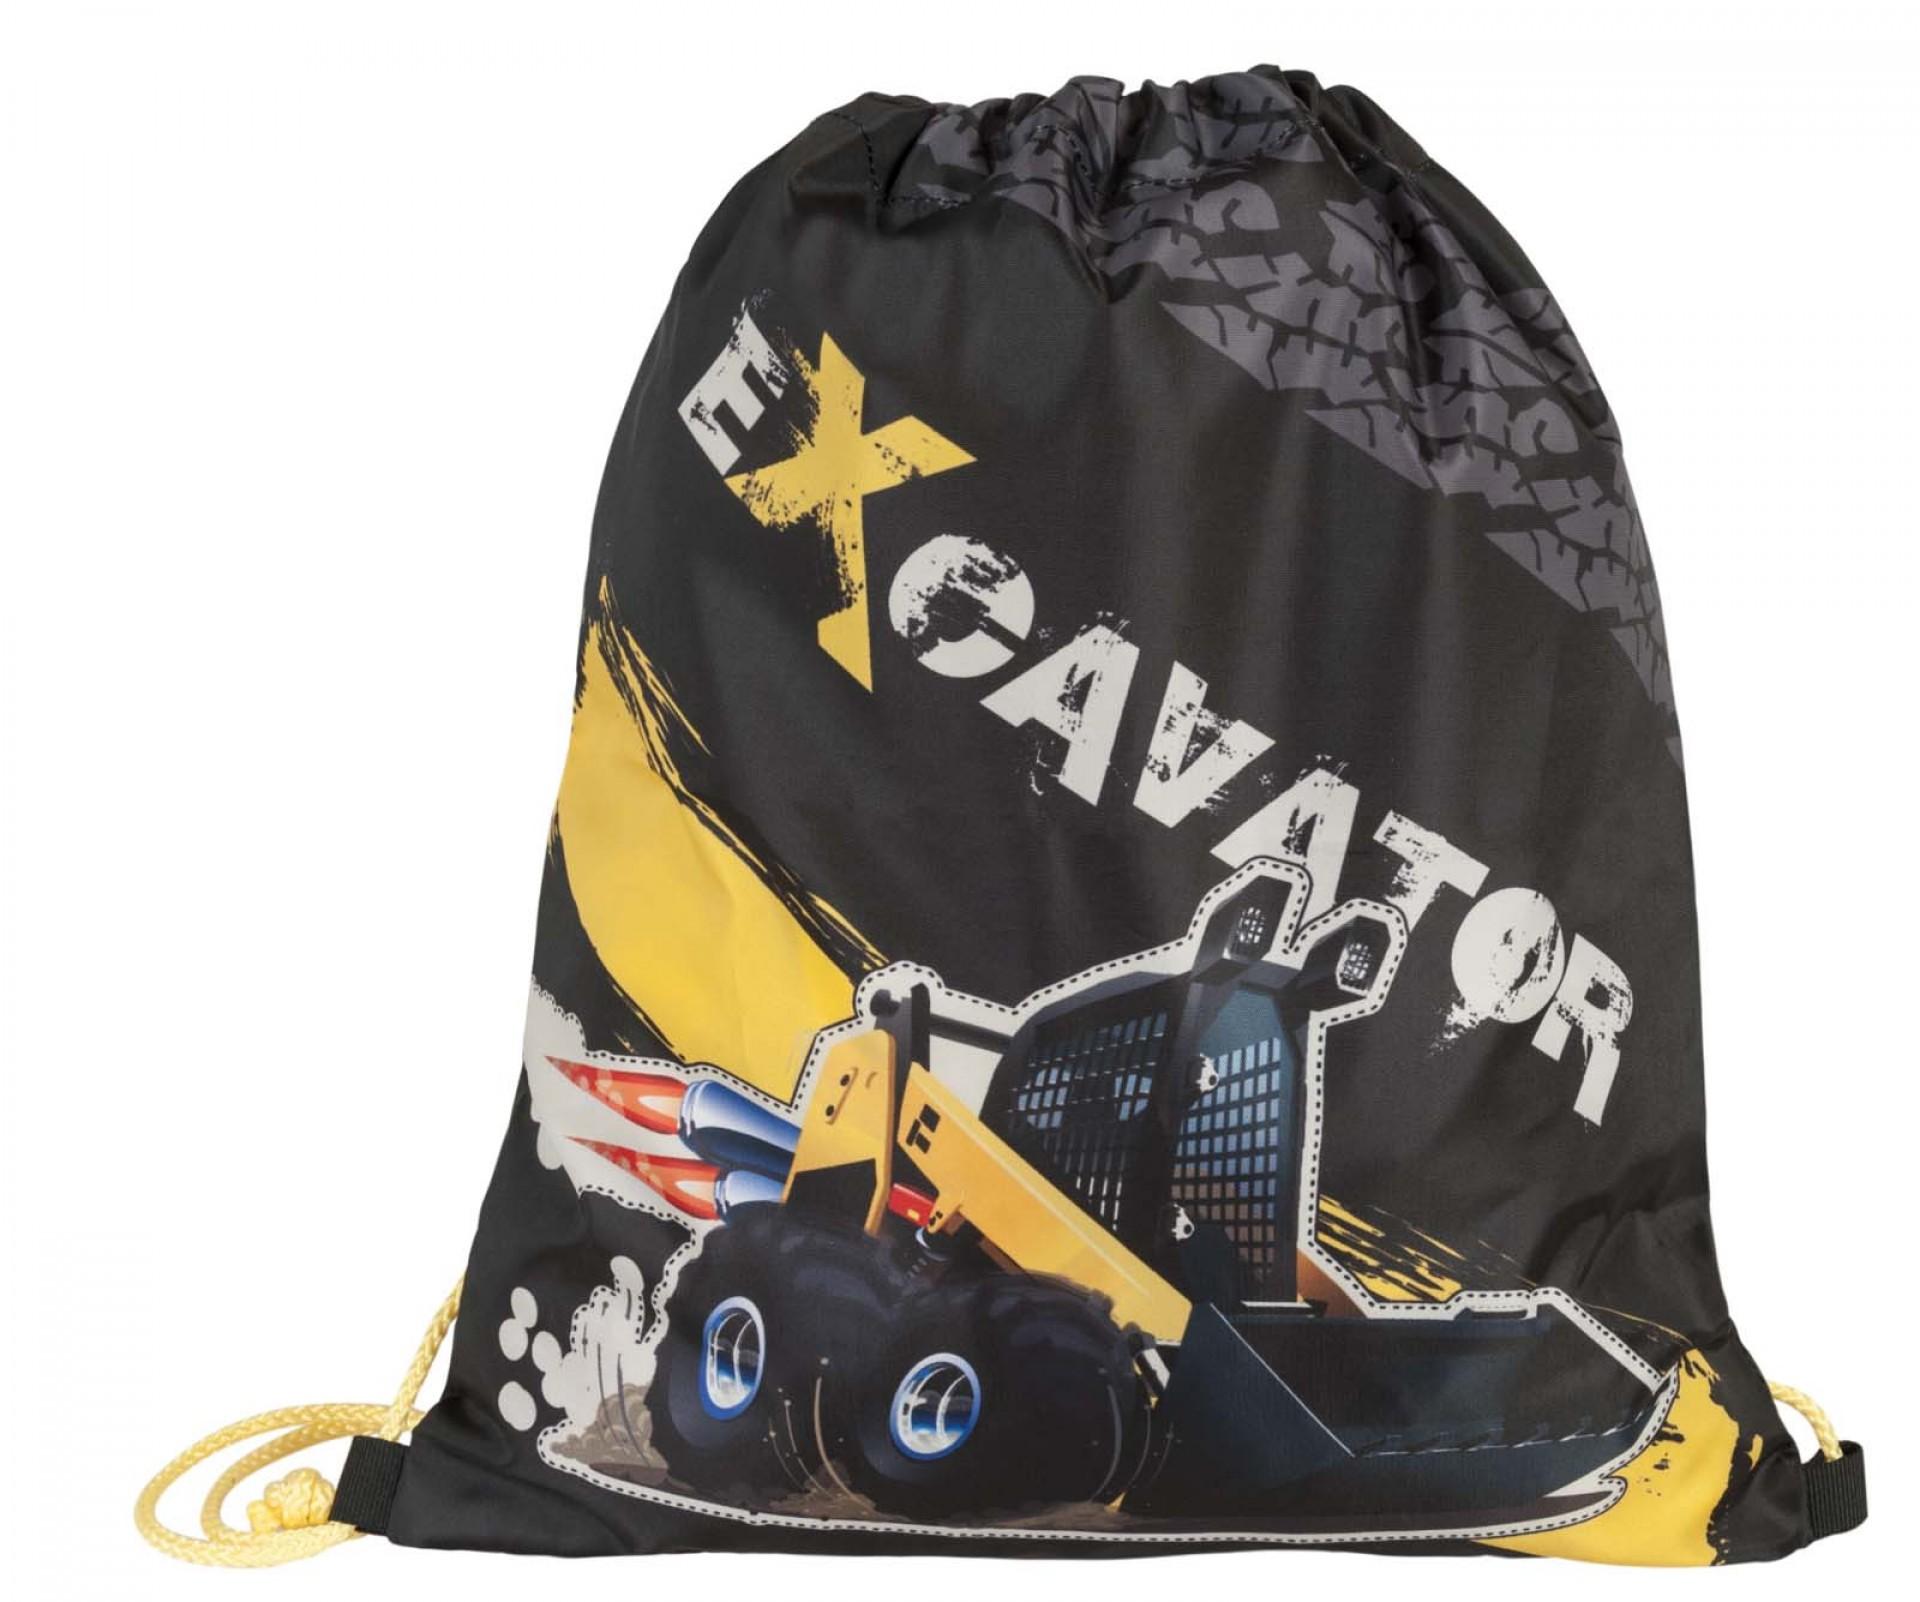 GYM BAG EXCAVATOR 17935  685dd7992cb47